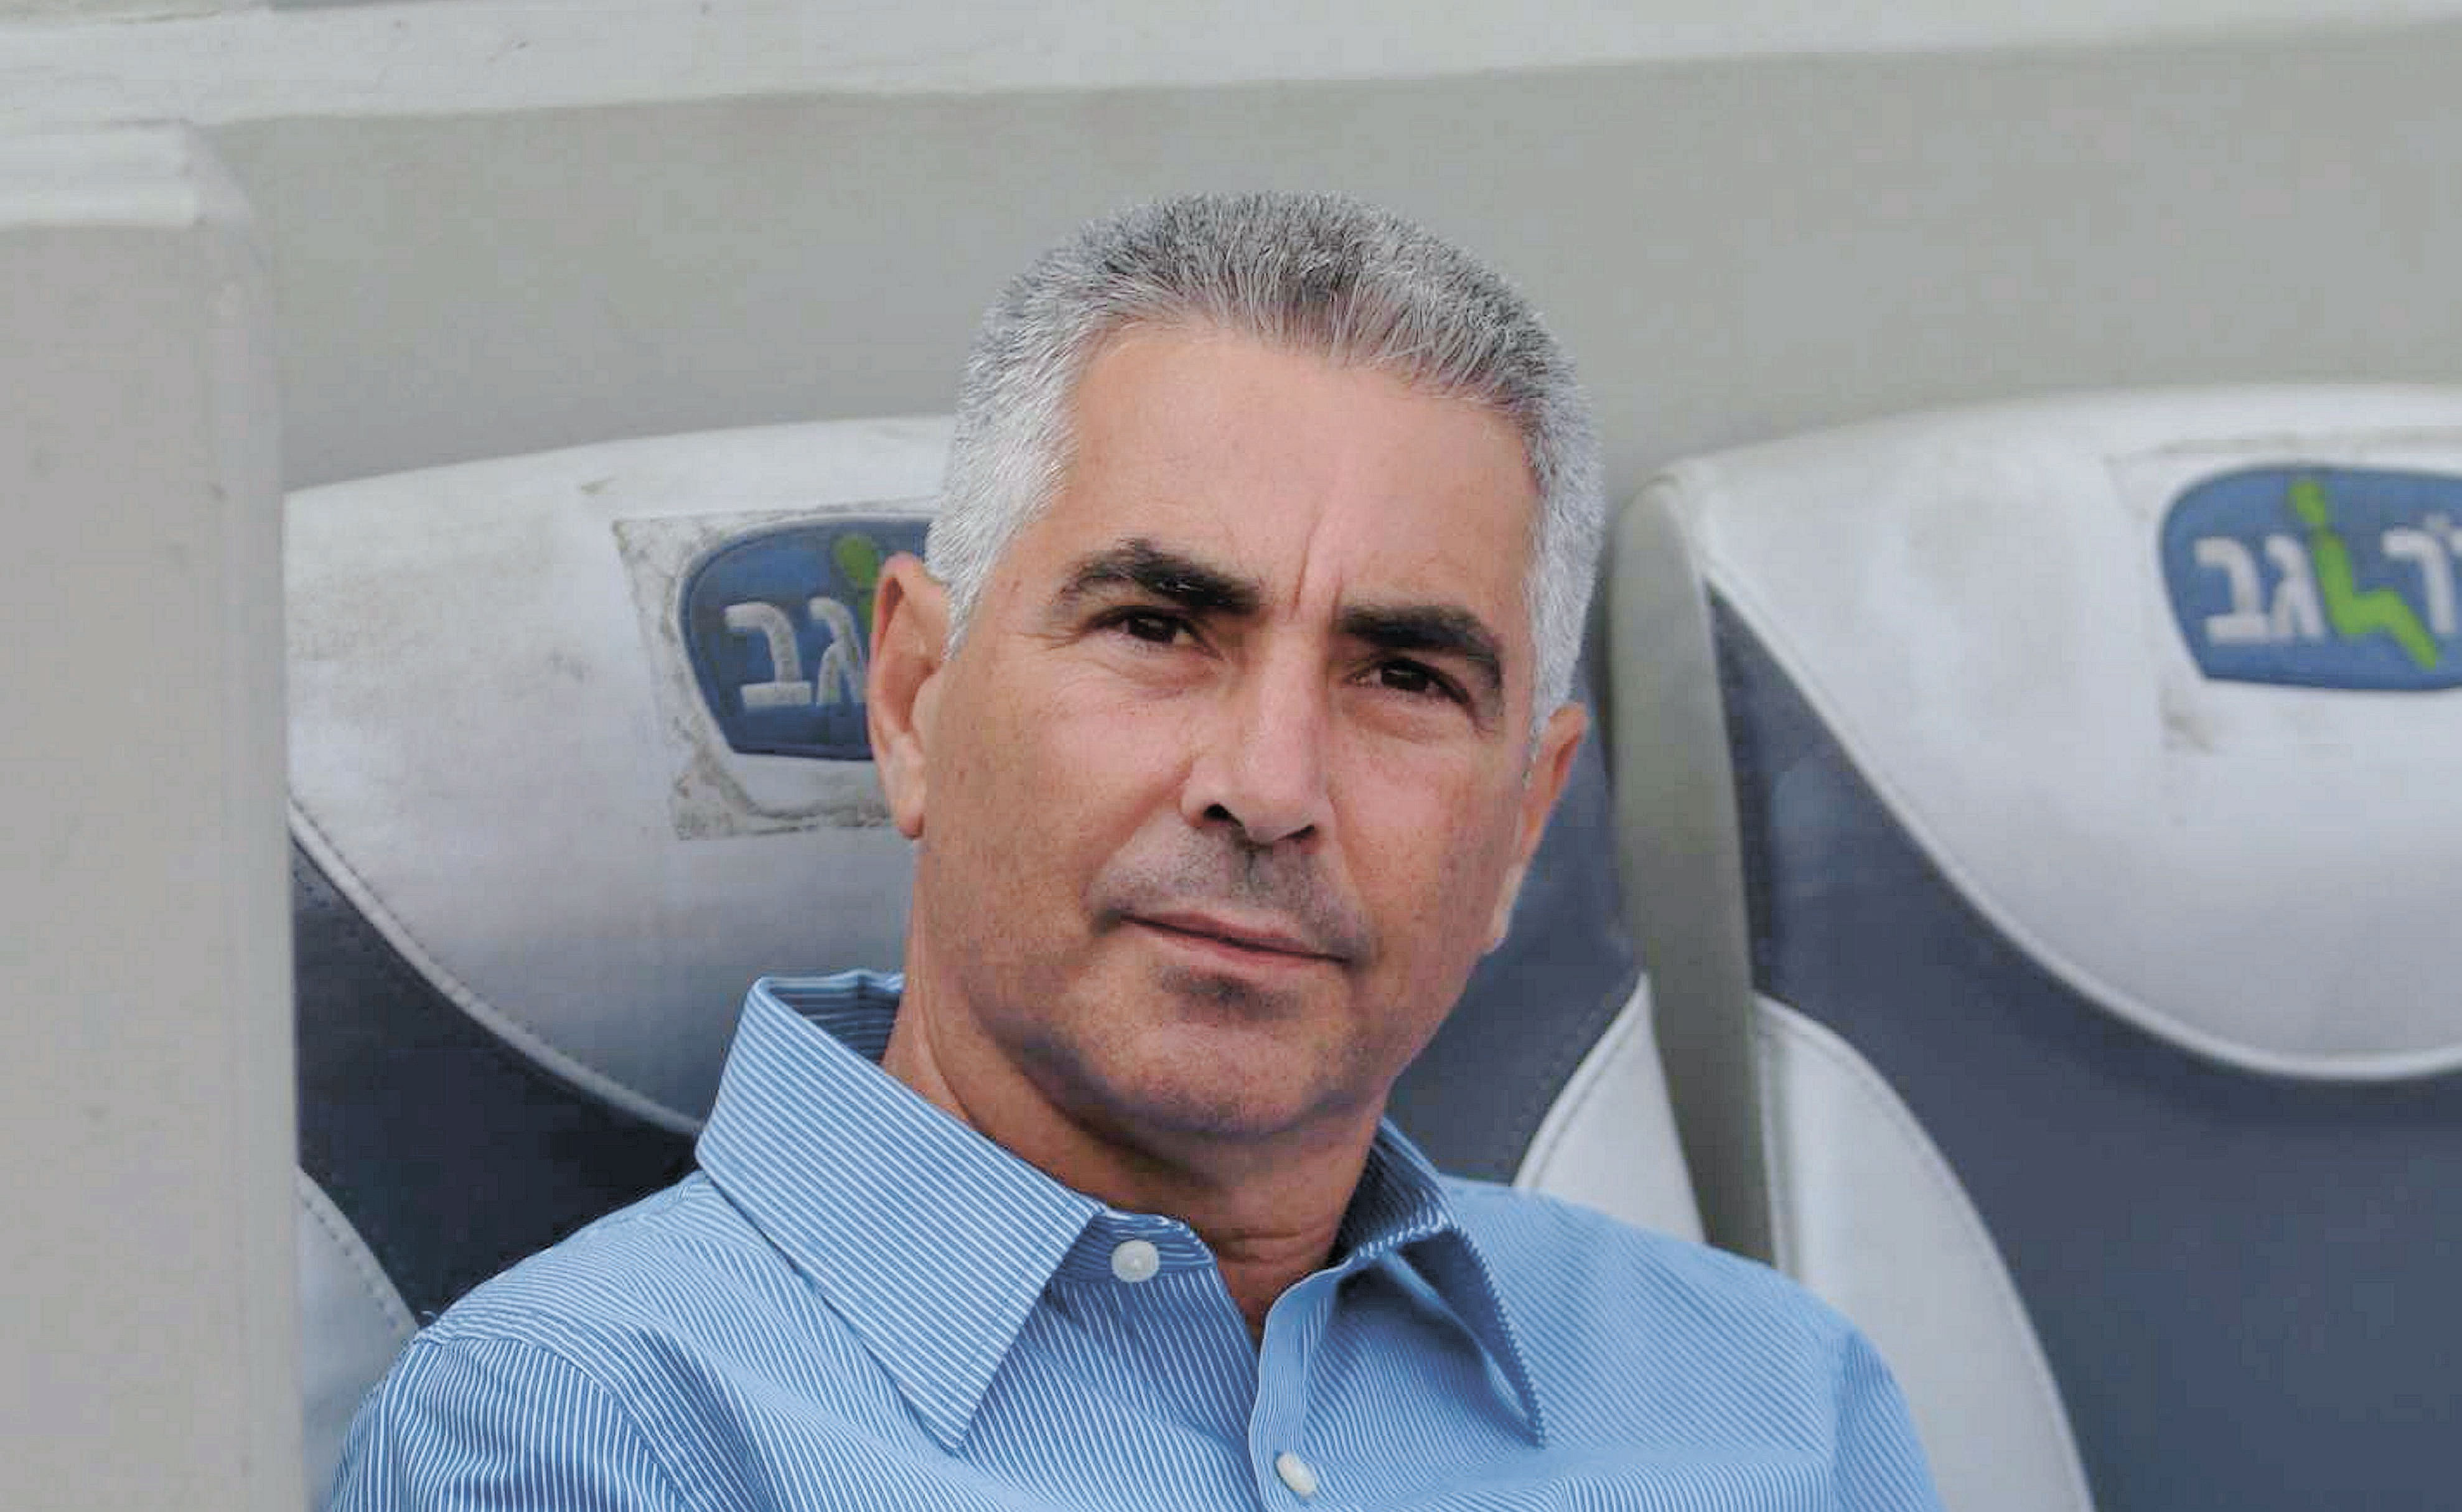 פרדי דוד צילום שרון בוקוב